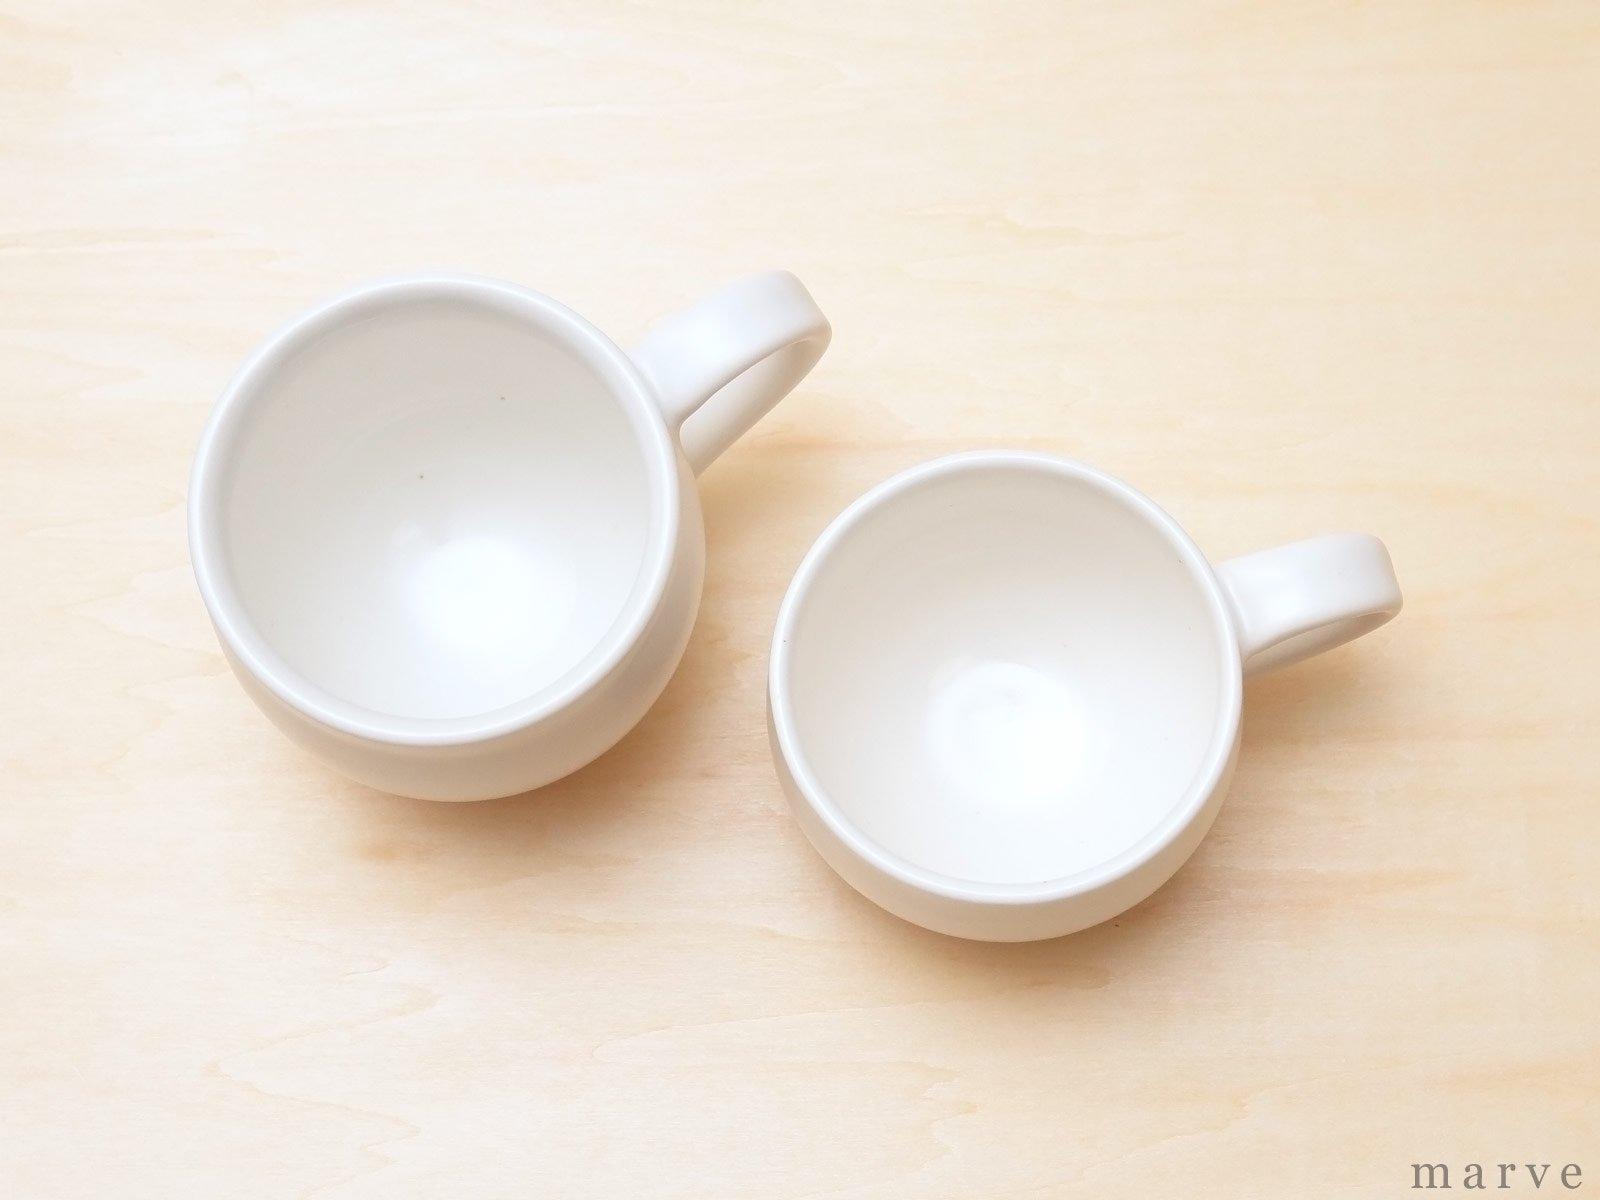 SUZUGAMA(スズガマ) White series マグカップM